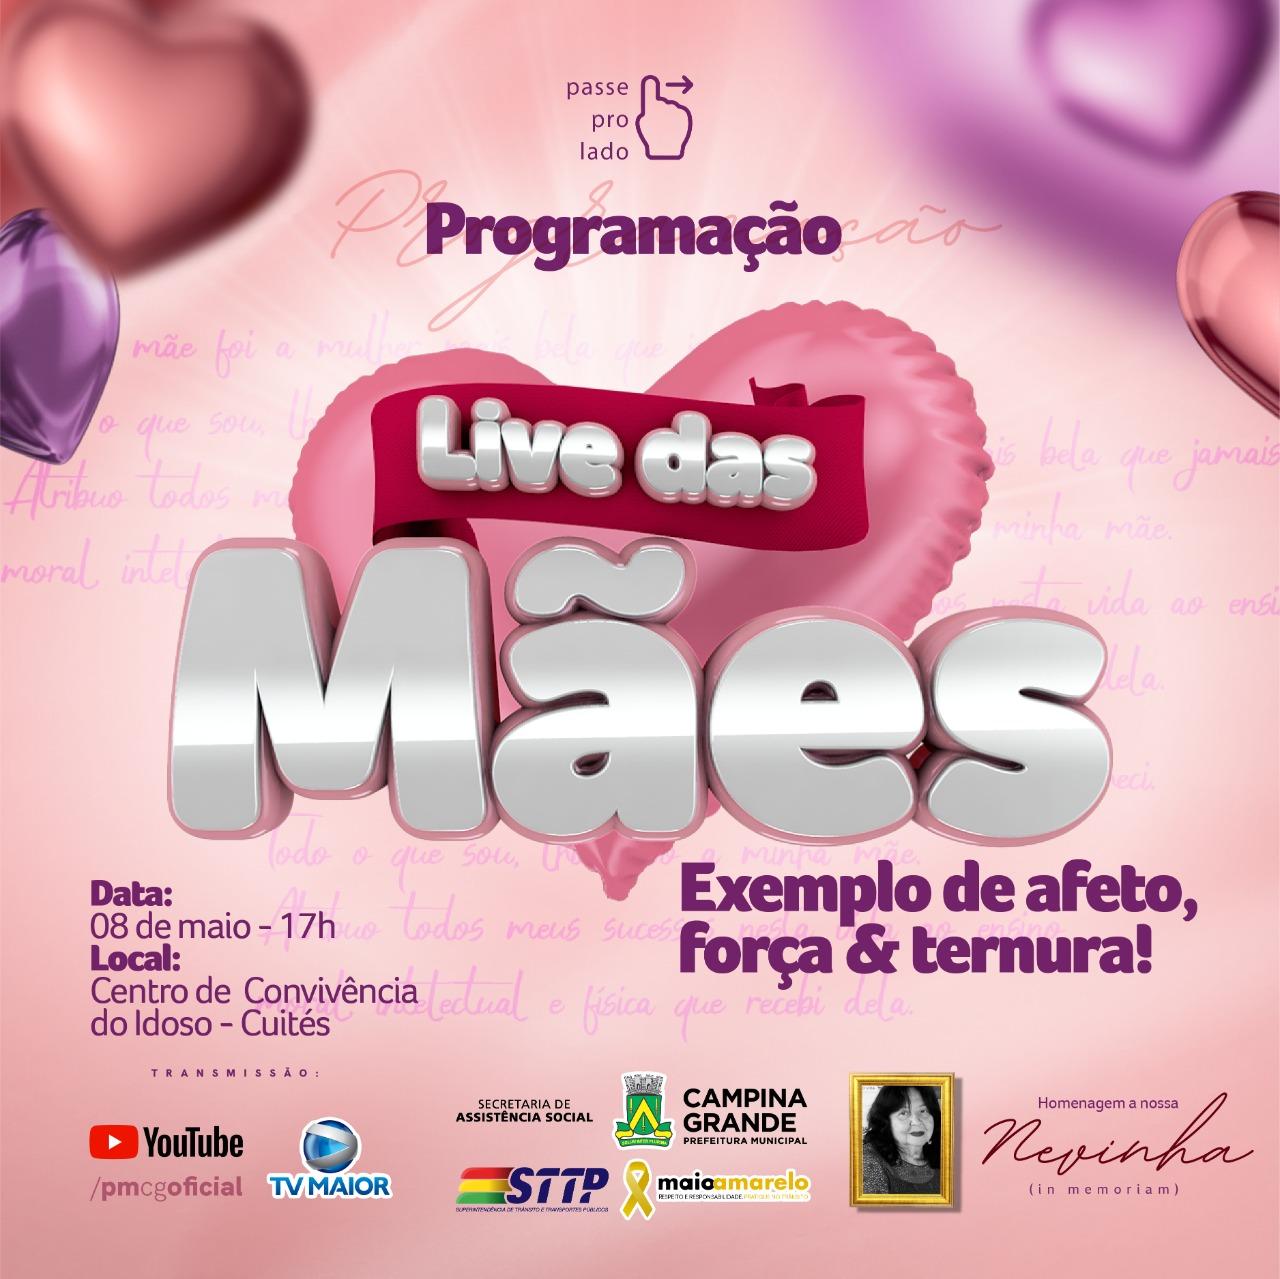 Prefeitura de Campina Grande reúne neste sábado vários artistas e vereadoras para homenagear às Mães durante live